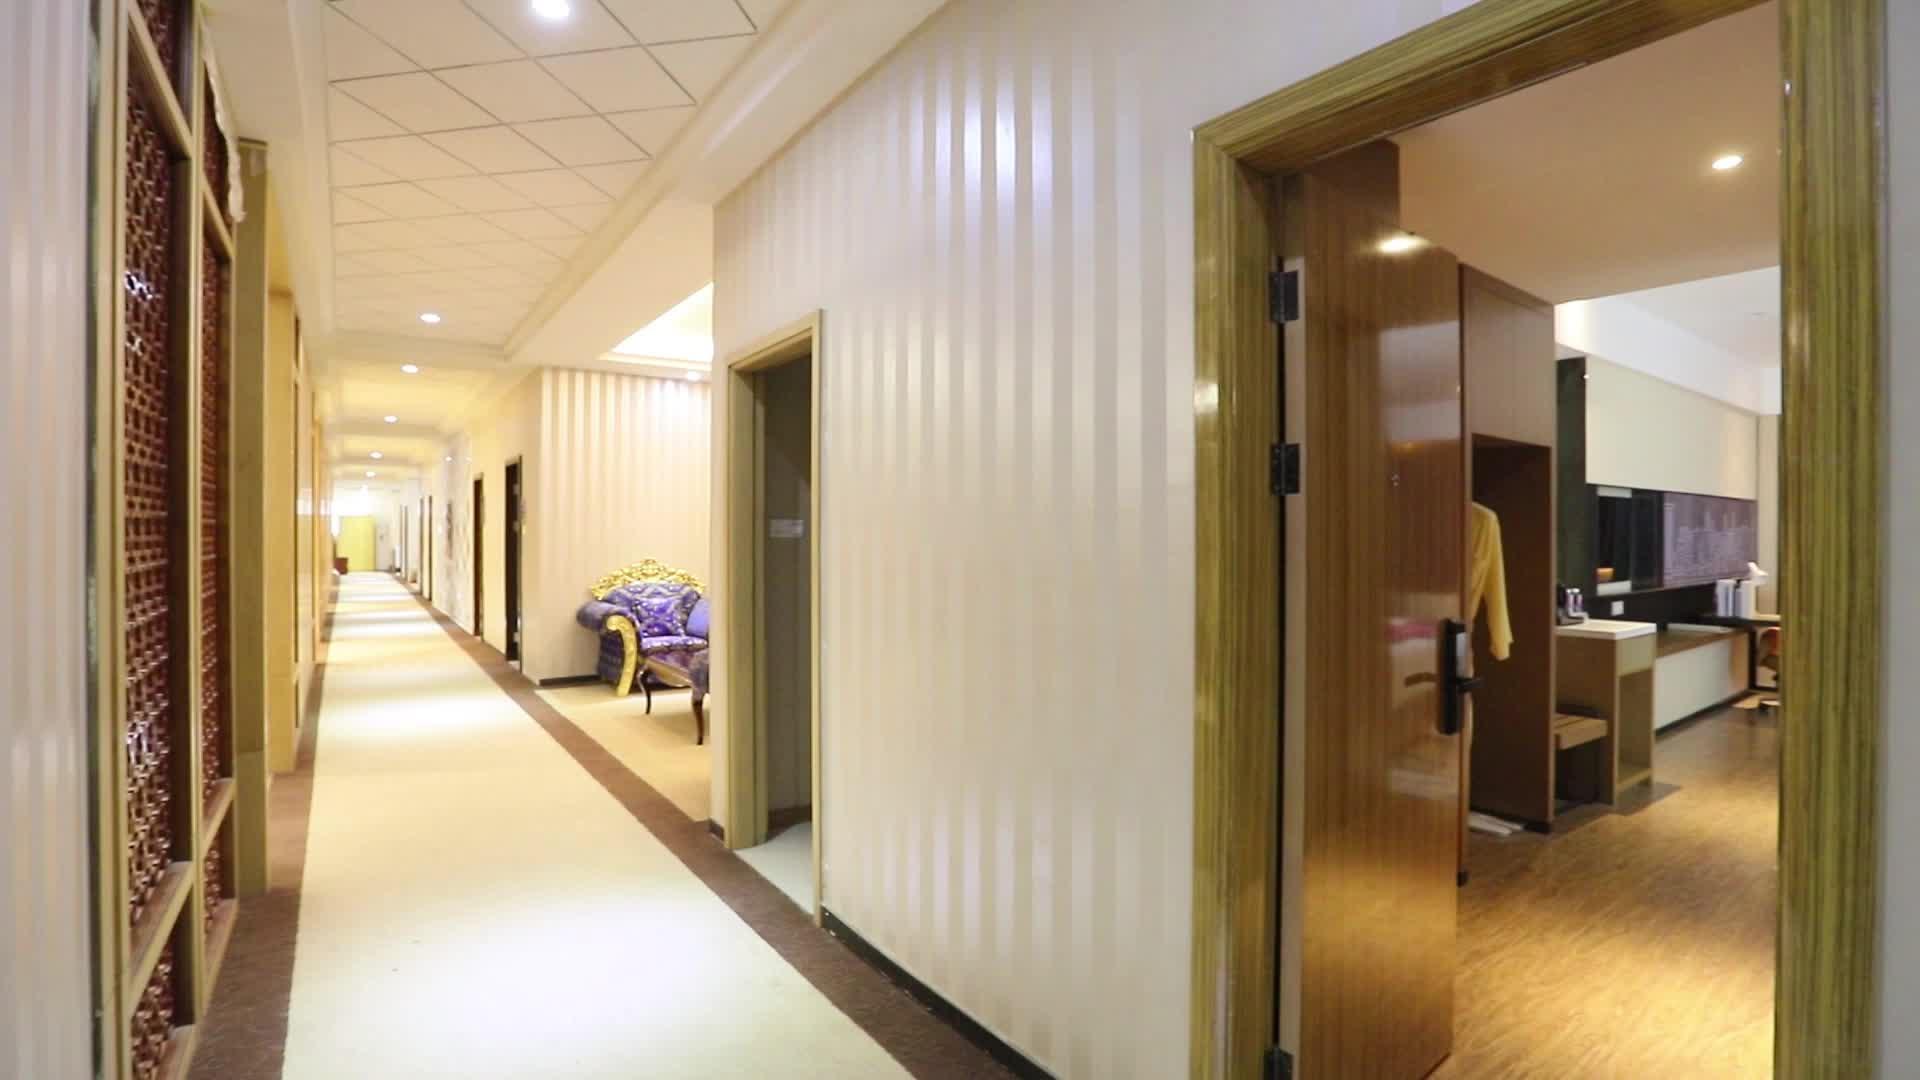 पेशेवर कारखाने होटल के अतिथि कक्ष फर्नीचर की आपूर्ति कोरियाई बाजार के लिए समाधान